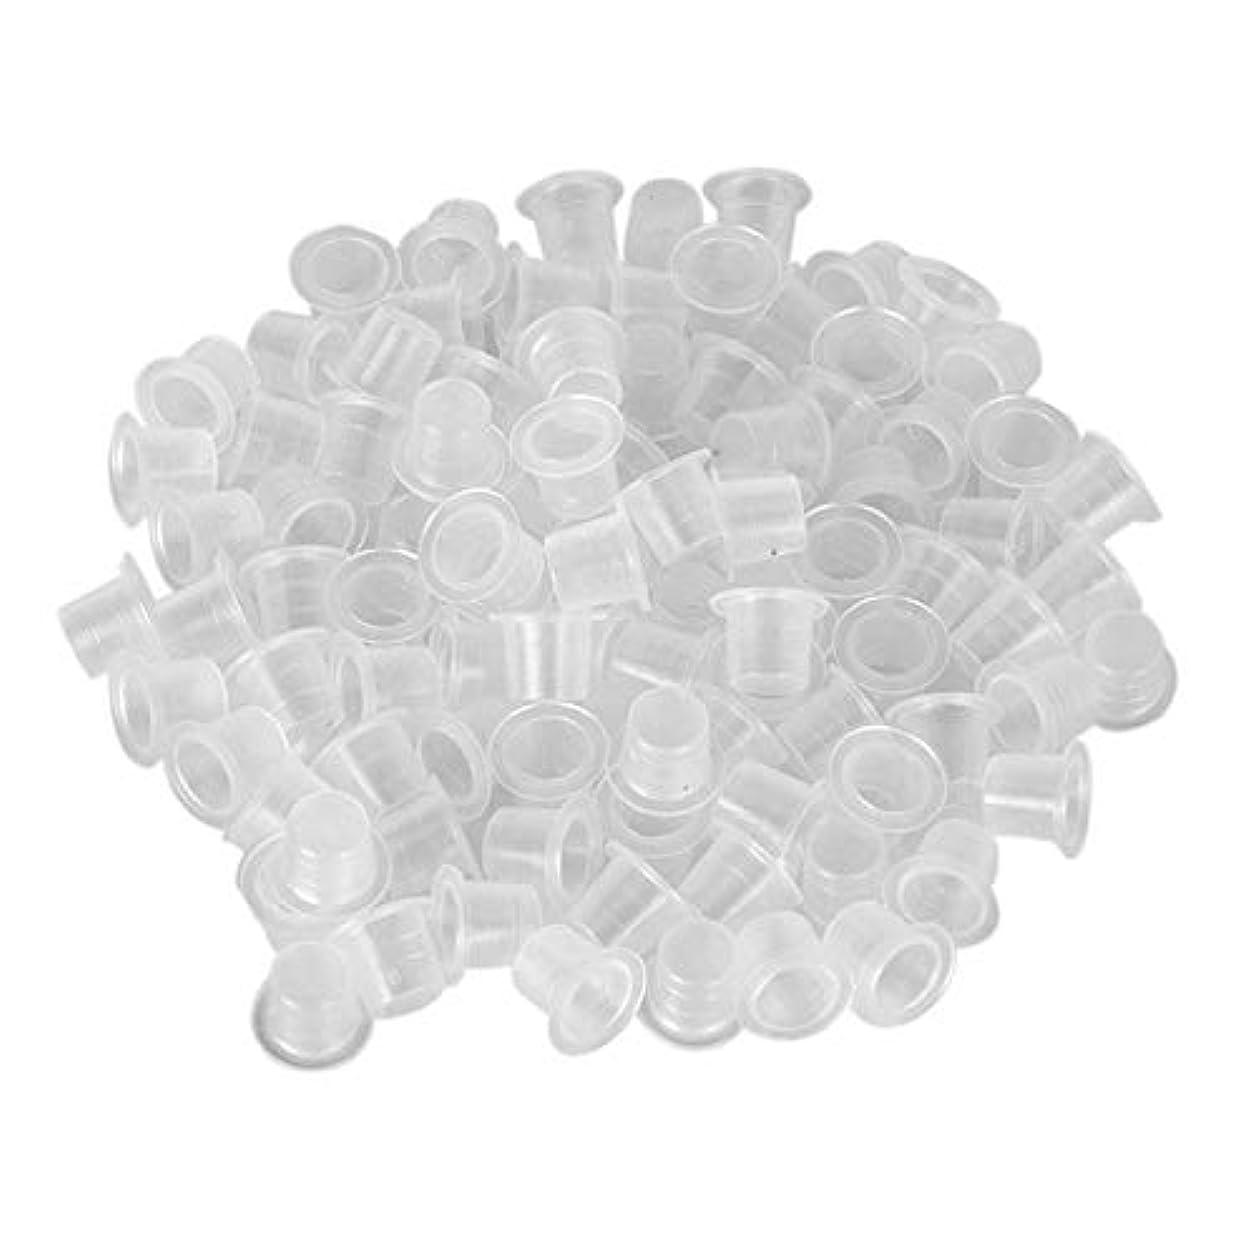 課す絶滅したオリエンタルAAcreatspaceタトゥー用品タトゥー製品カラーカップホワイトラージミディアムスモールカラーカップ1000パックタトゥーアクセサリータトゥーカップ